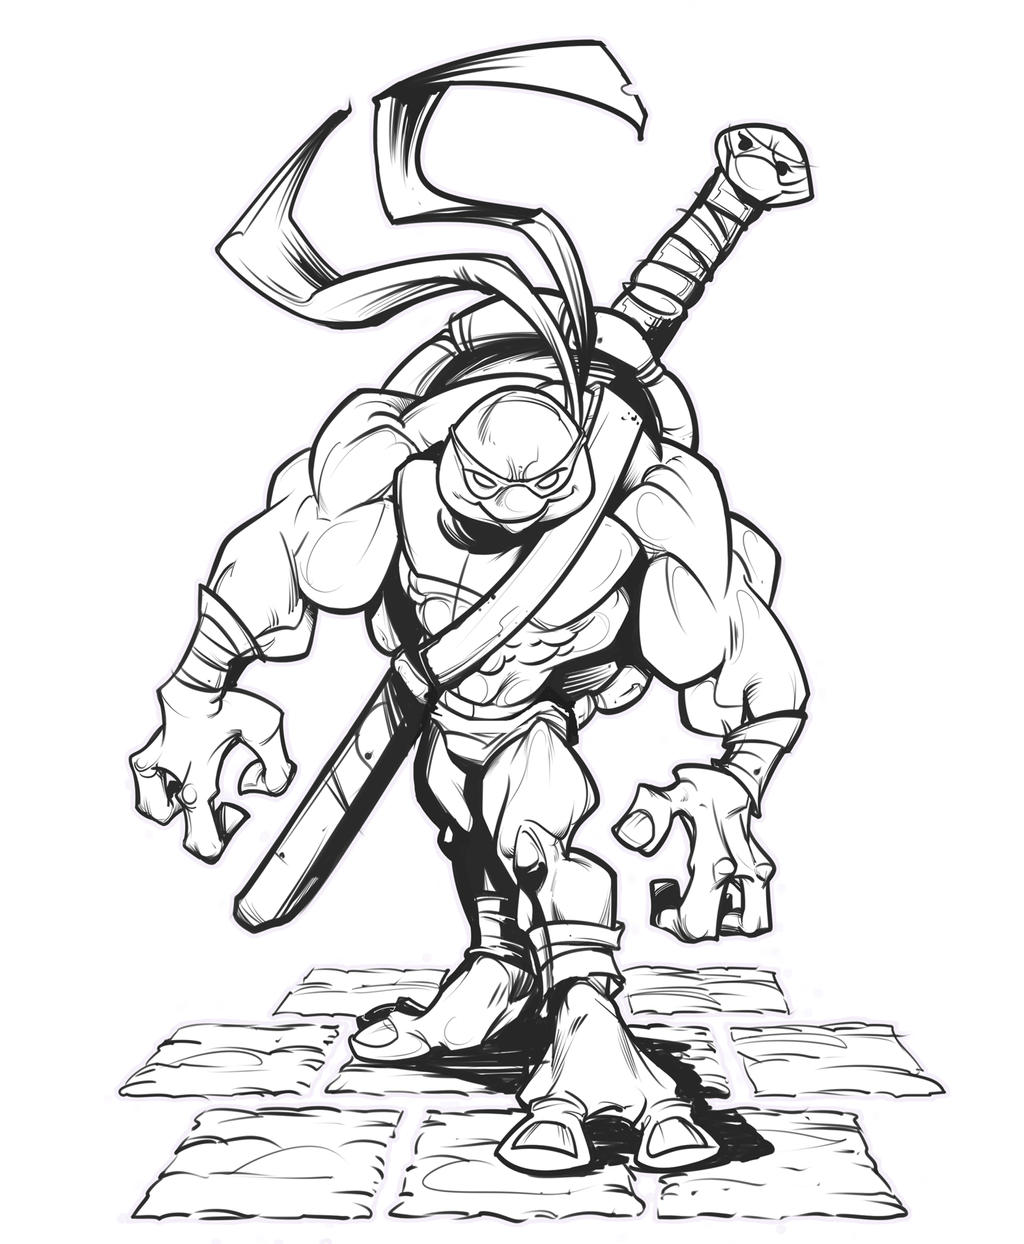 Line Art Ninja Turtles : Ninja turtle lines by kravenous on deviantart